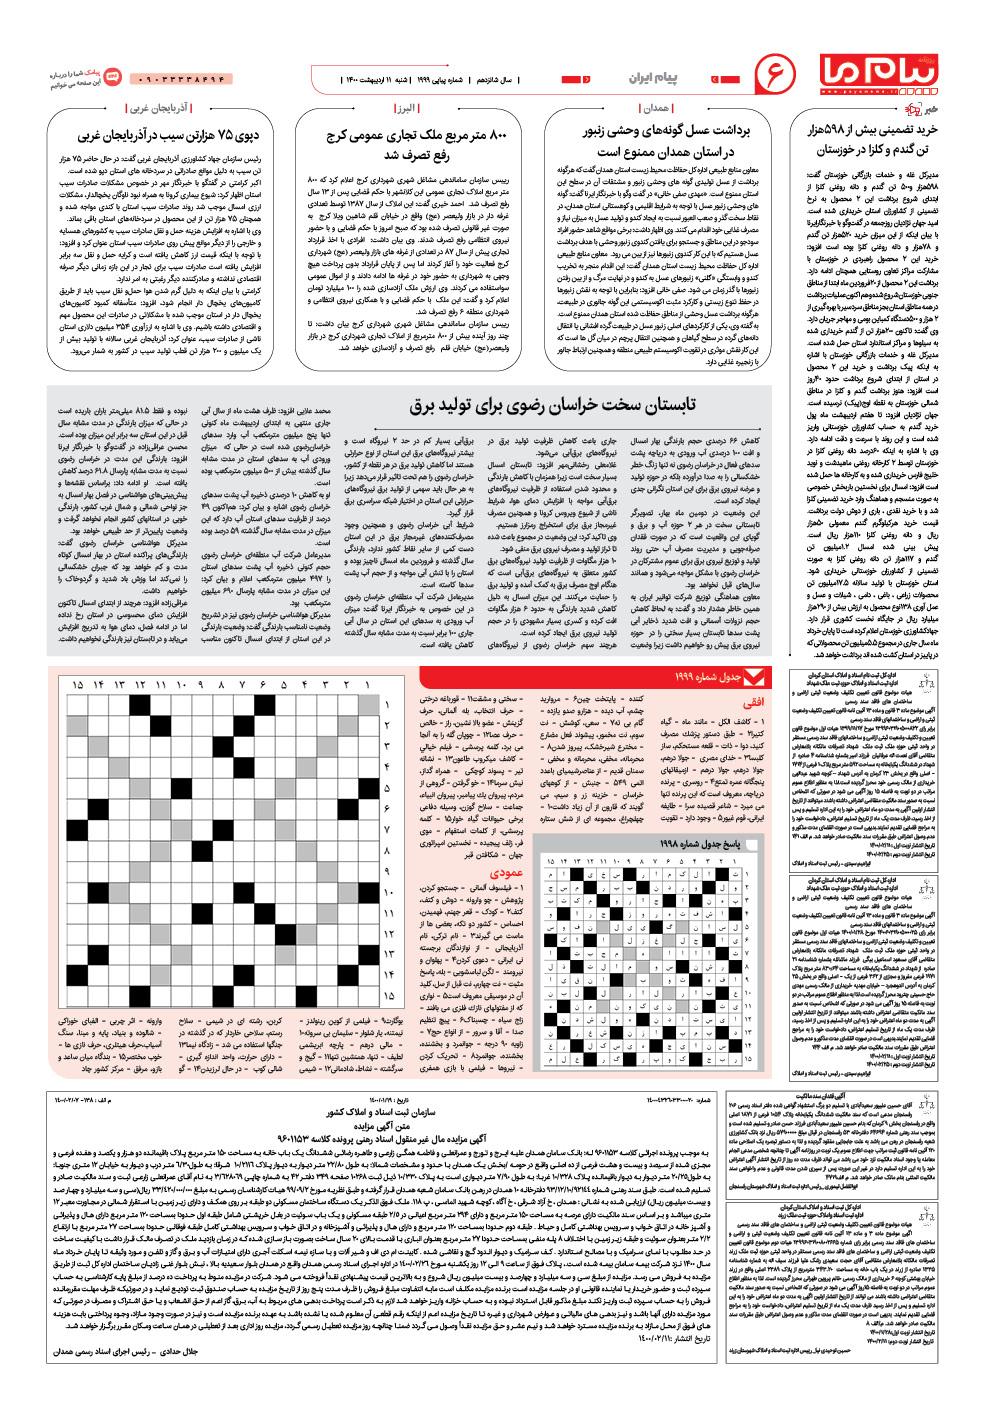 صفحه پیام ایران شماره ۱۹۹۹ روزنامه پیام ما